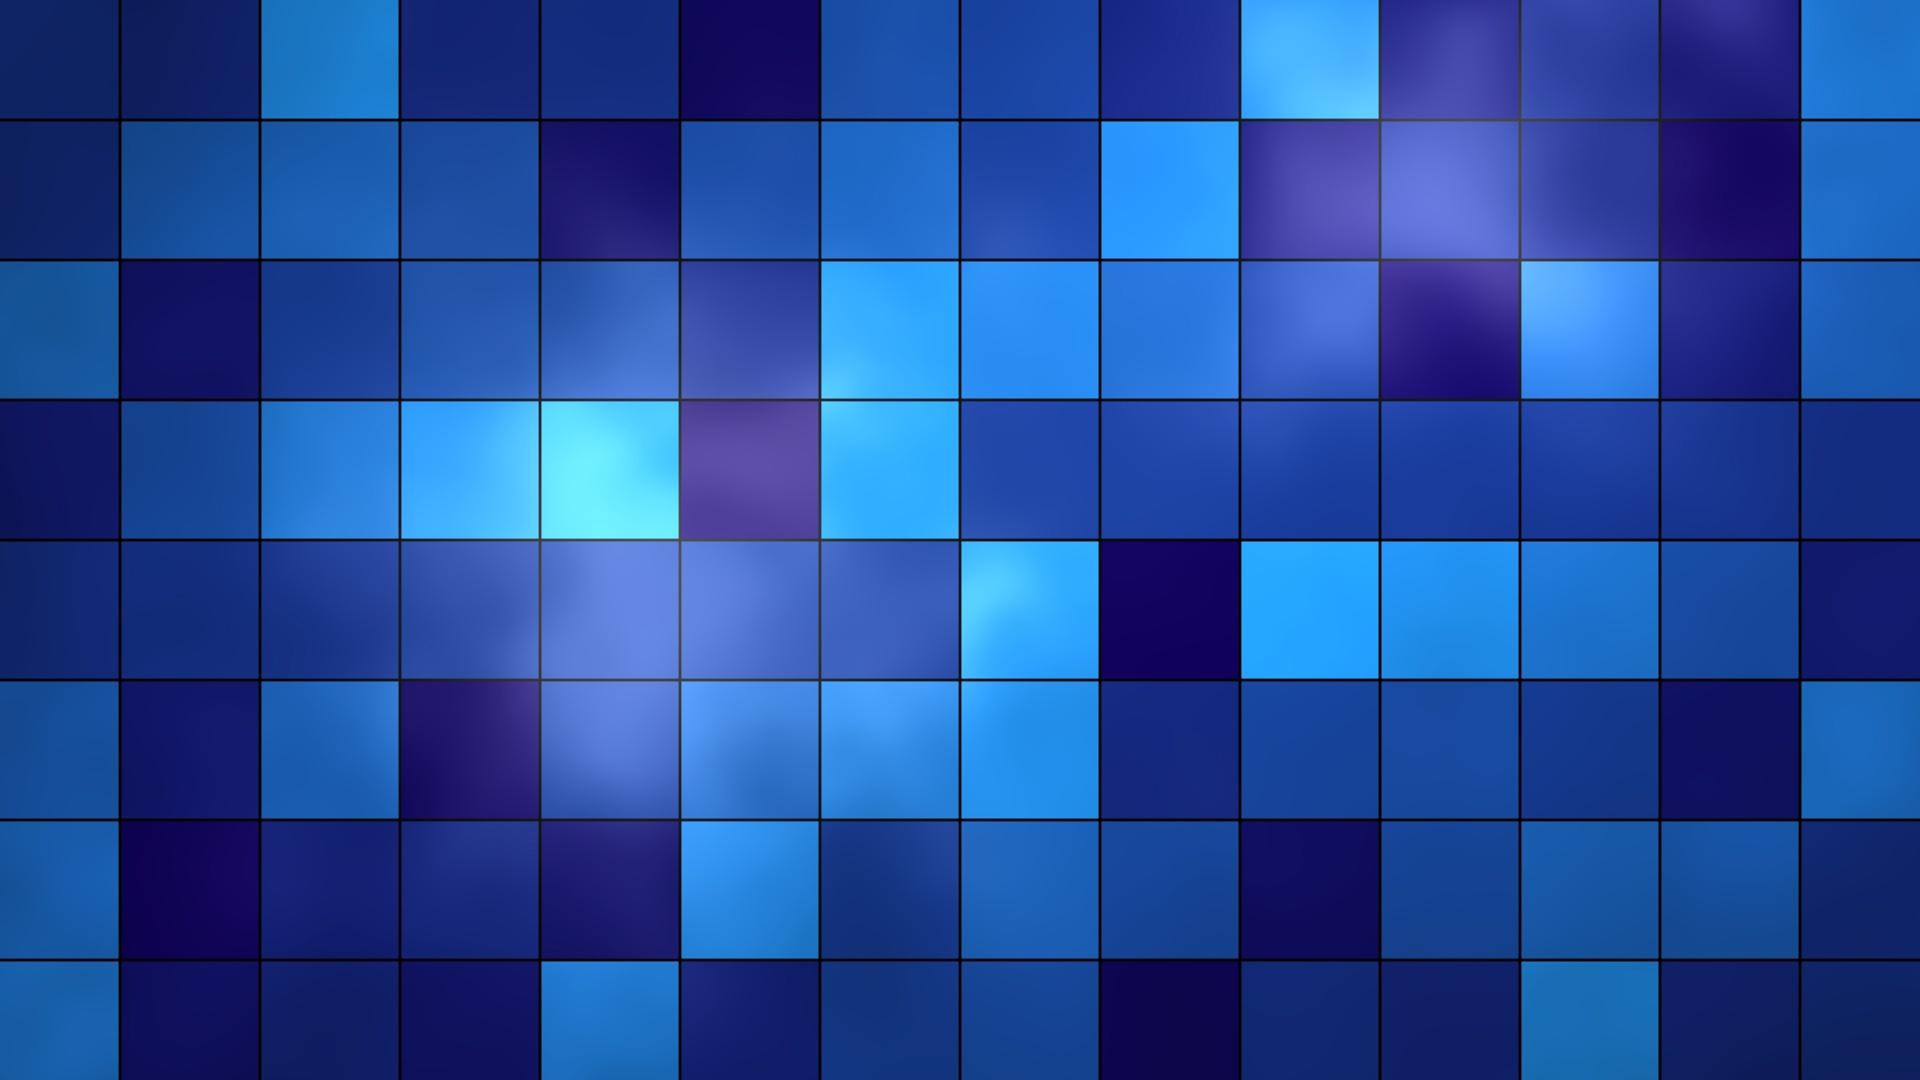 Blue pixels wallpaper download Blue pixels Blue pixels hd Blue 1920x1080